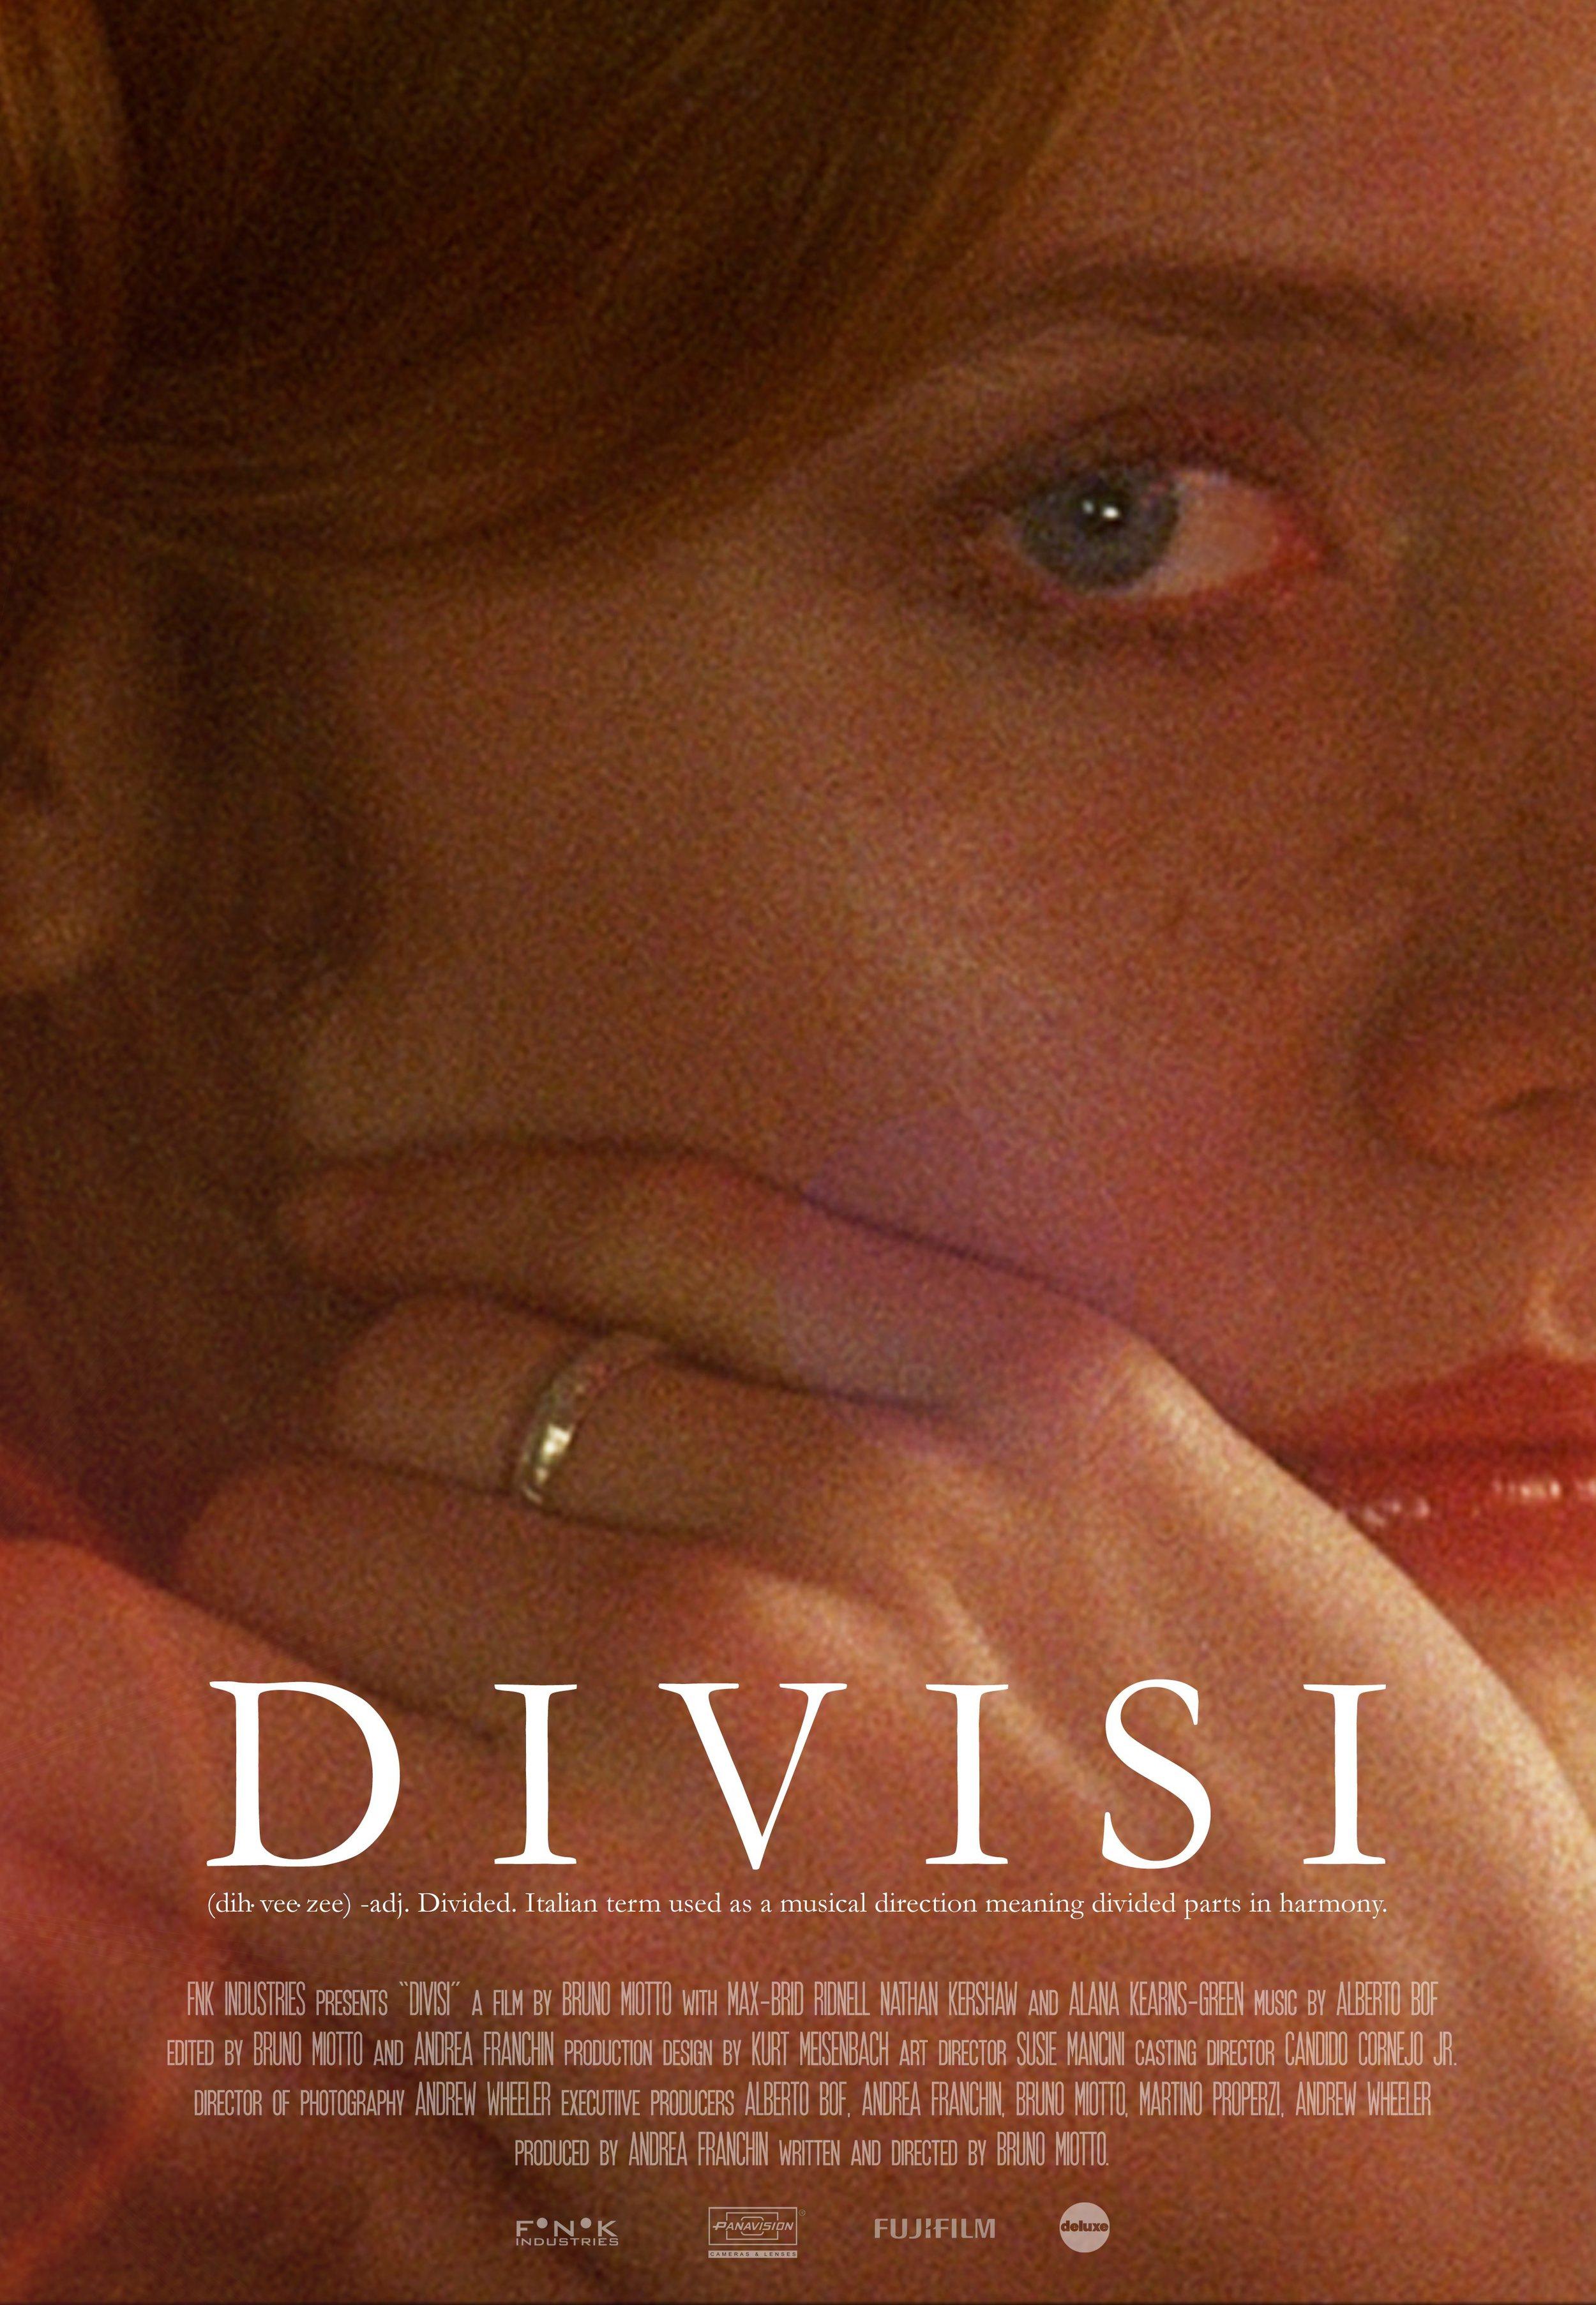 DIVISI2.jpg